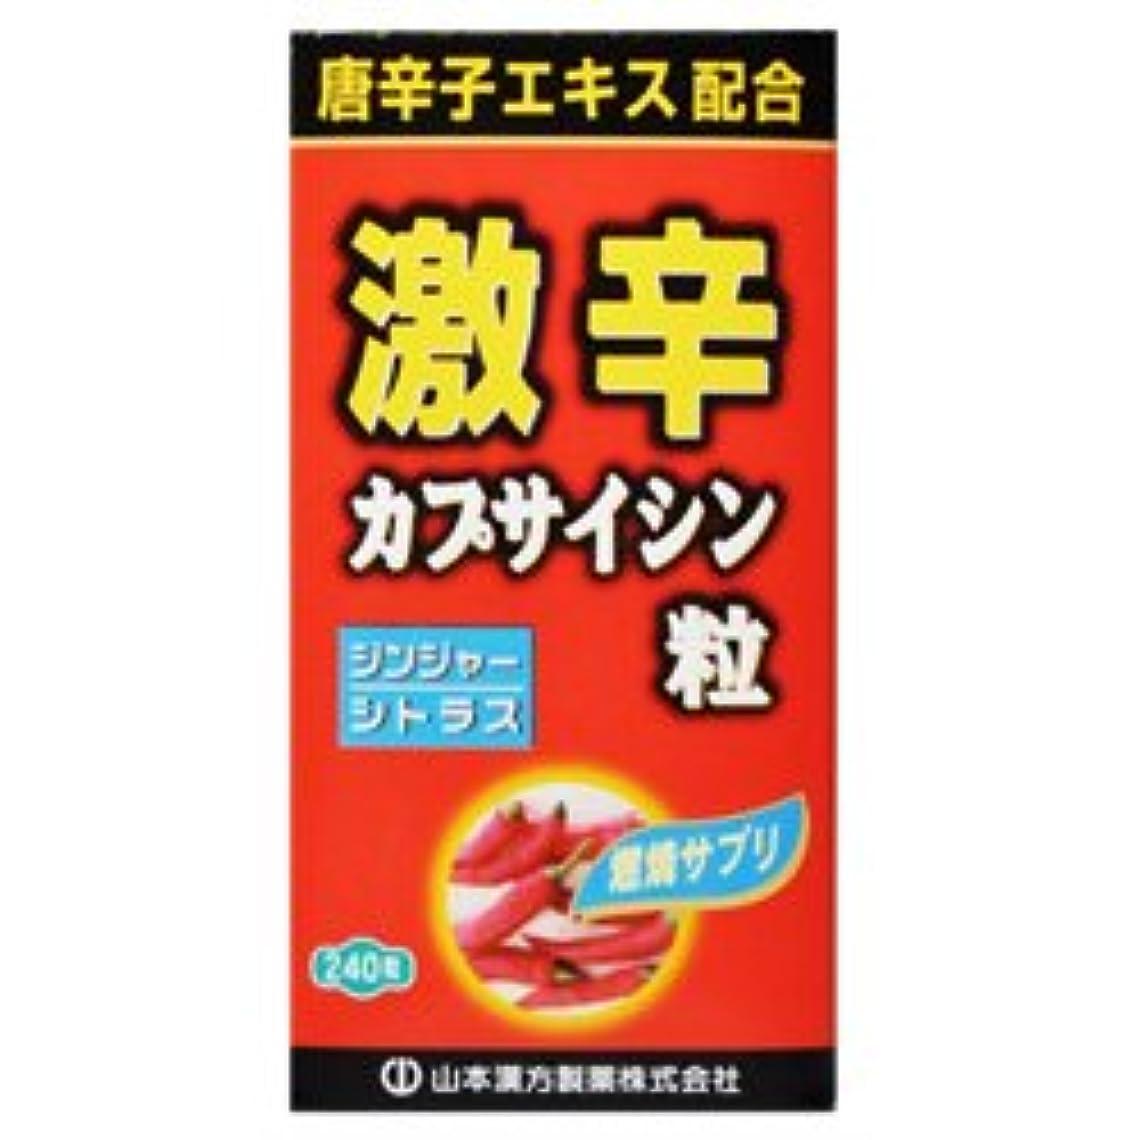 間隔判定意図【山本漢方製薬】激辛 カプサイシン粒 240粒 ×5個セット